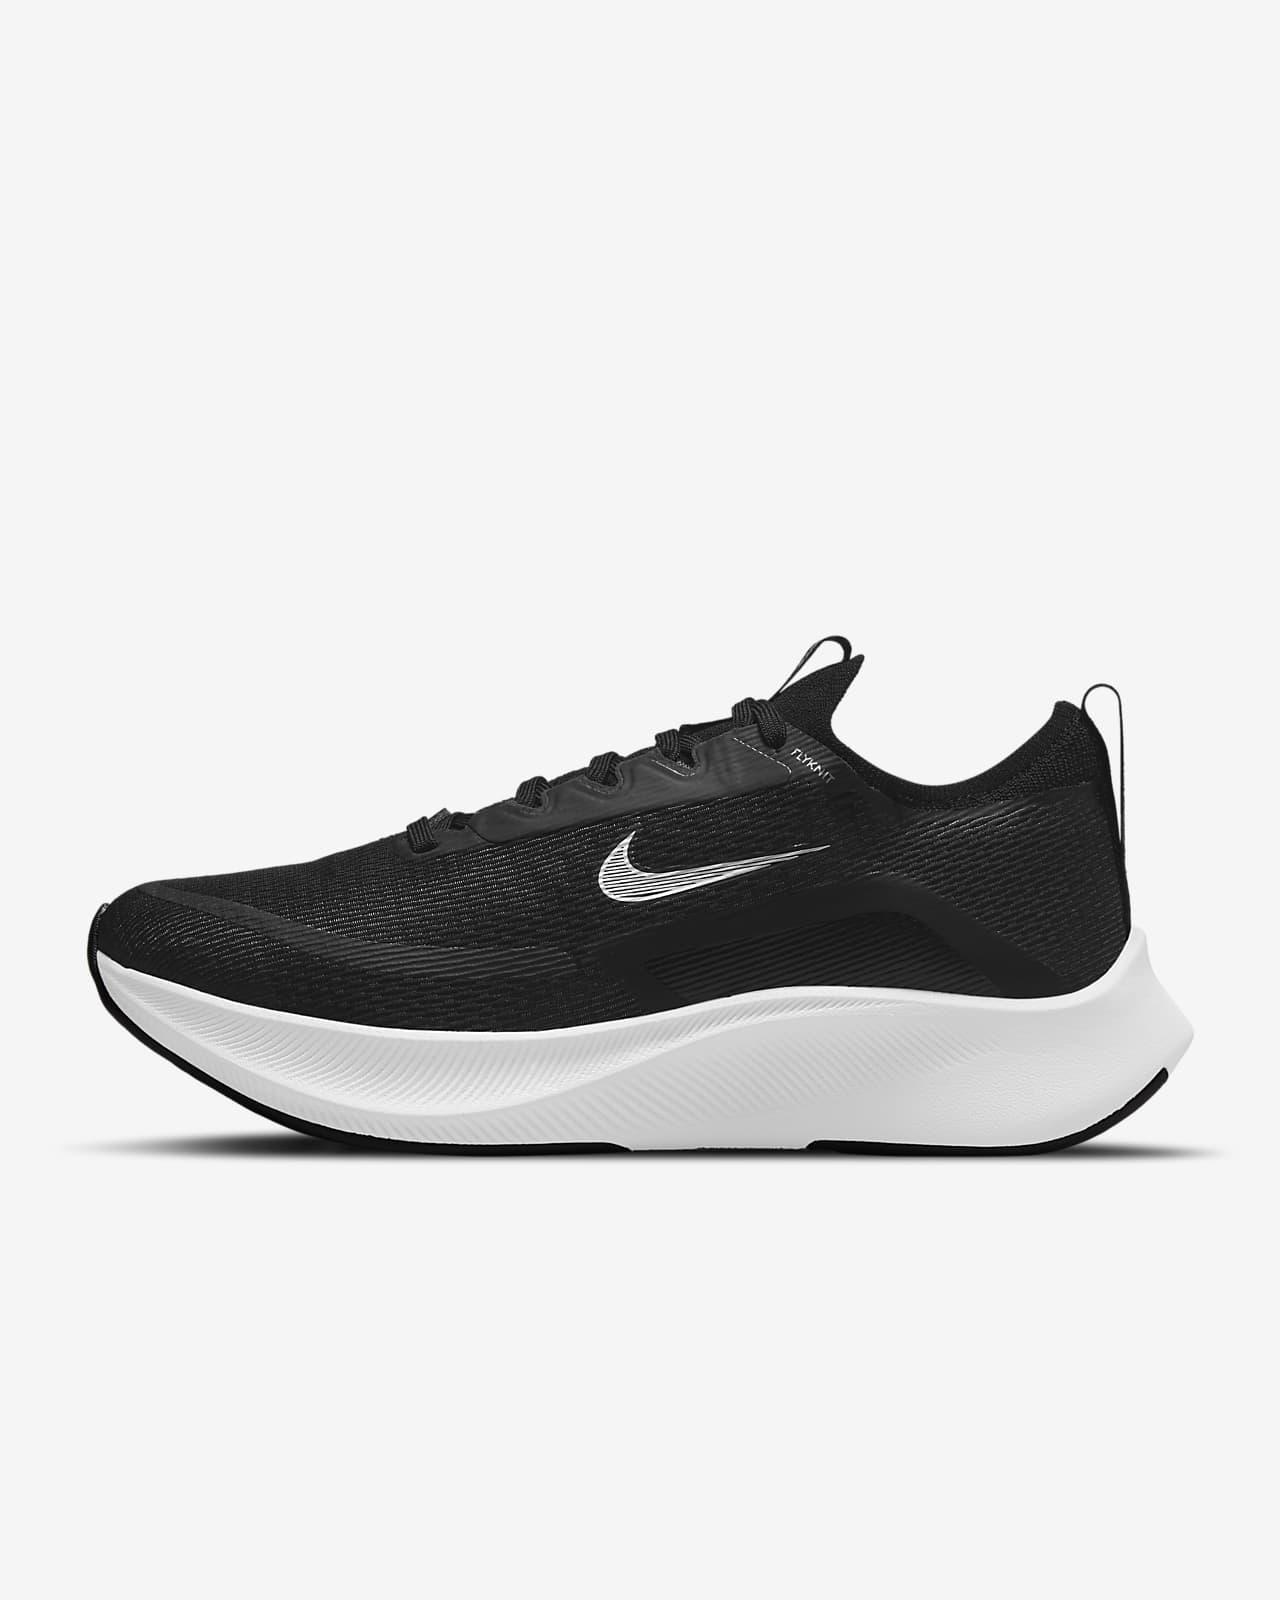 Nike Zoom Fly 4-løbesko til asfalt til kvinder